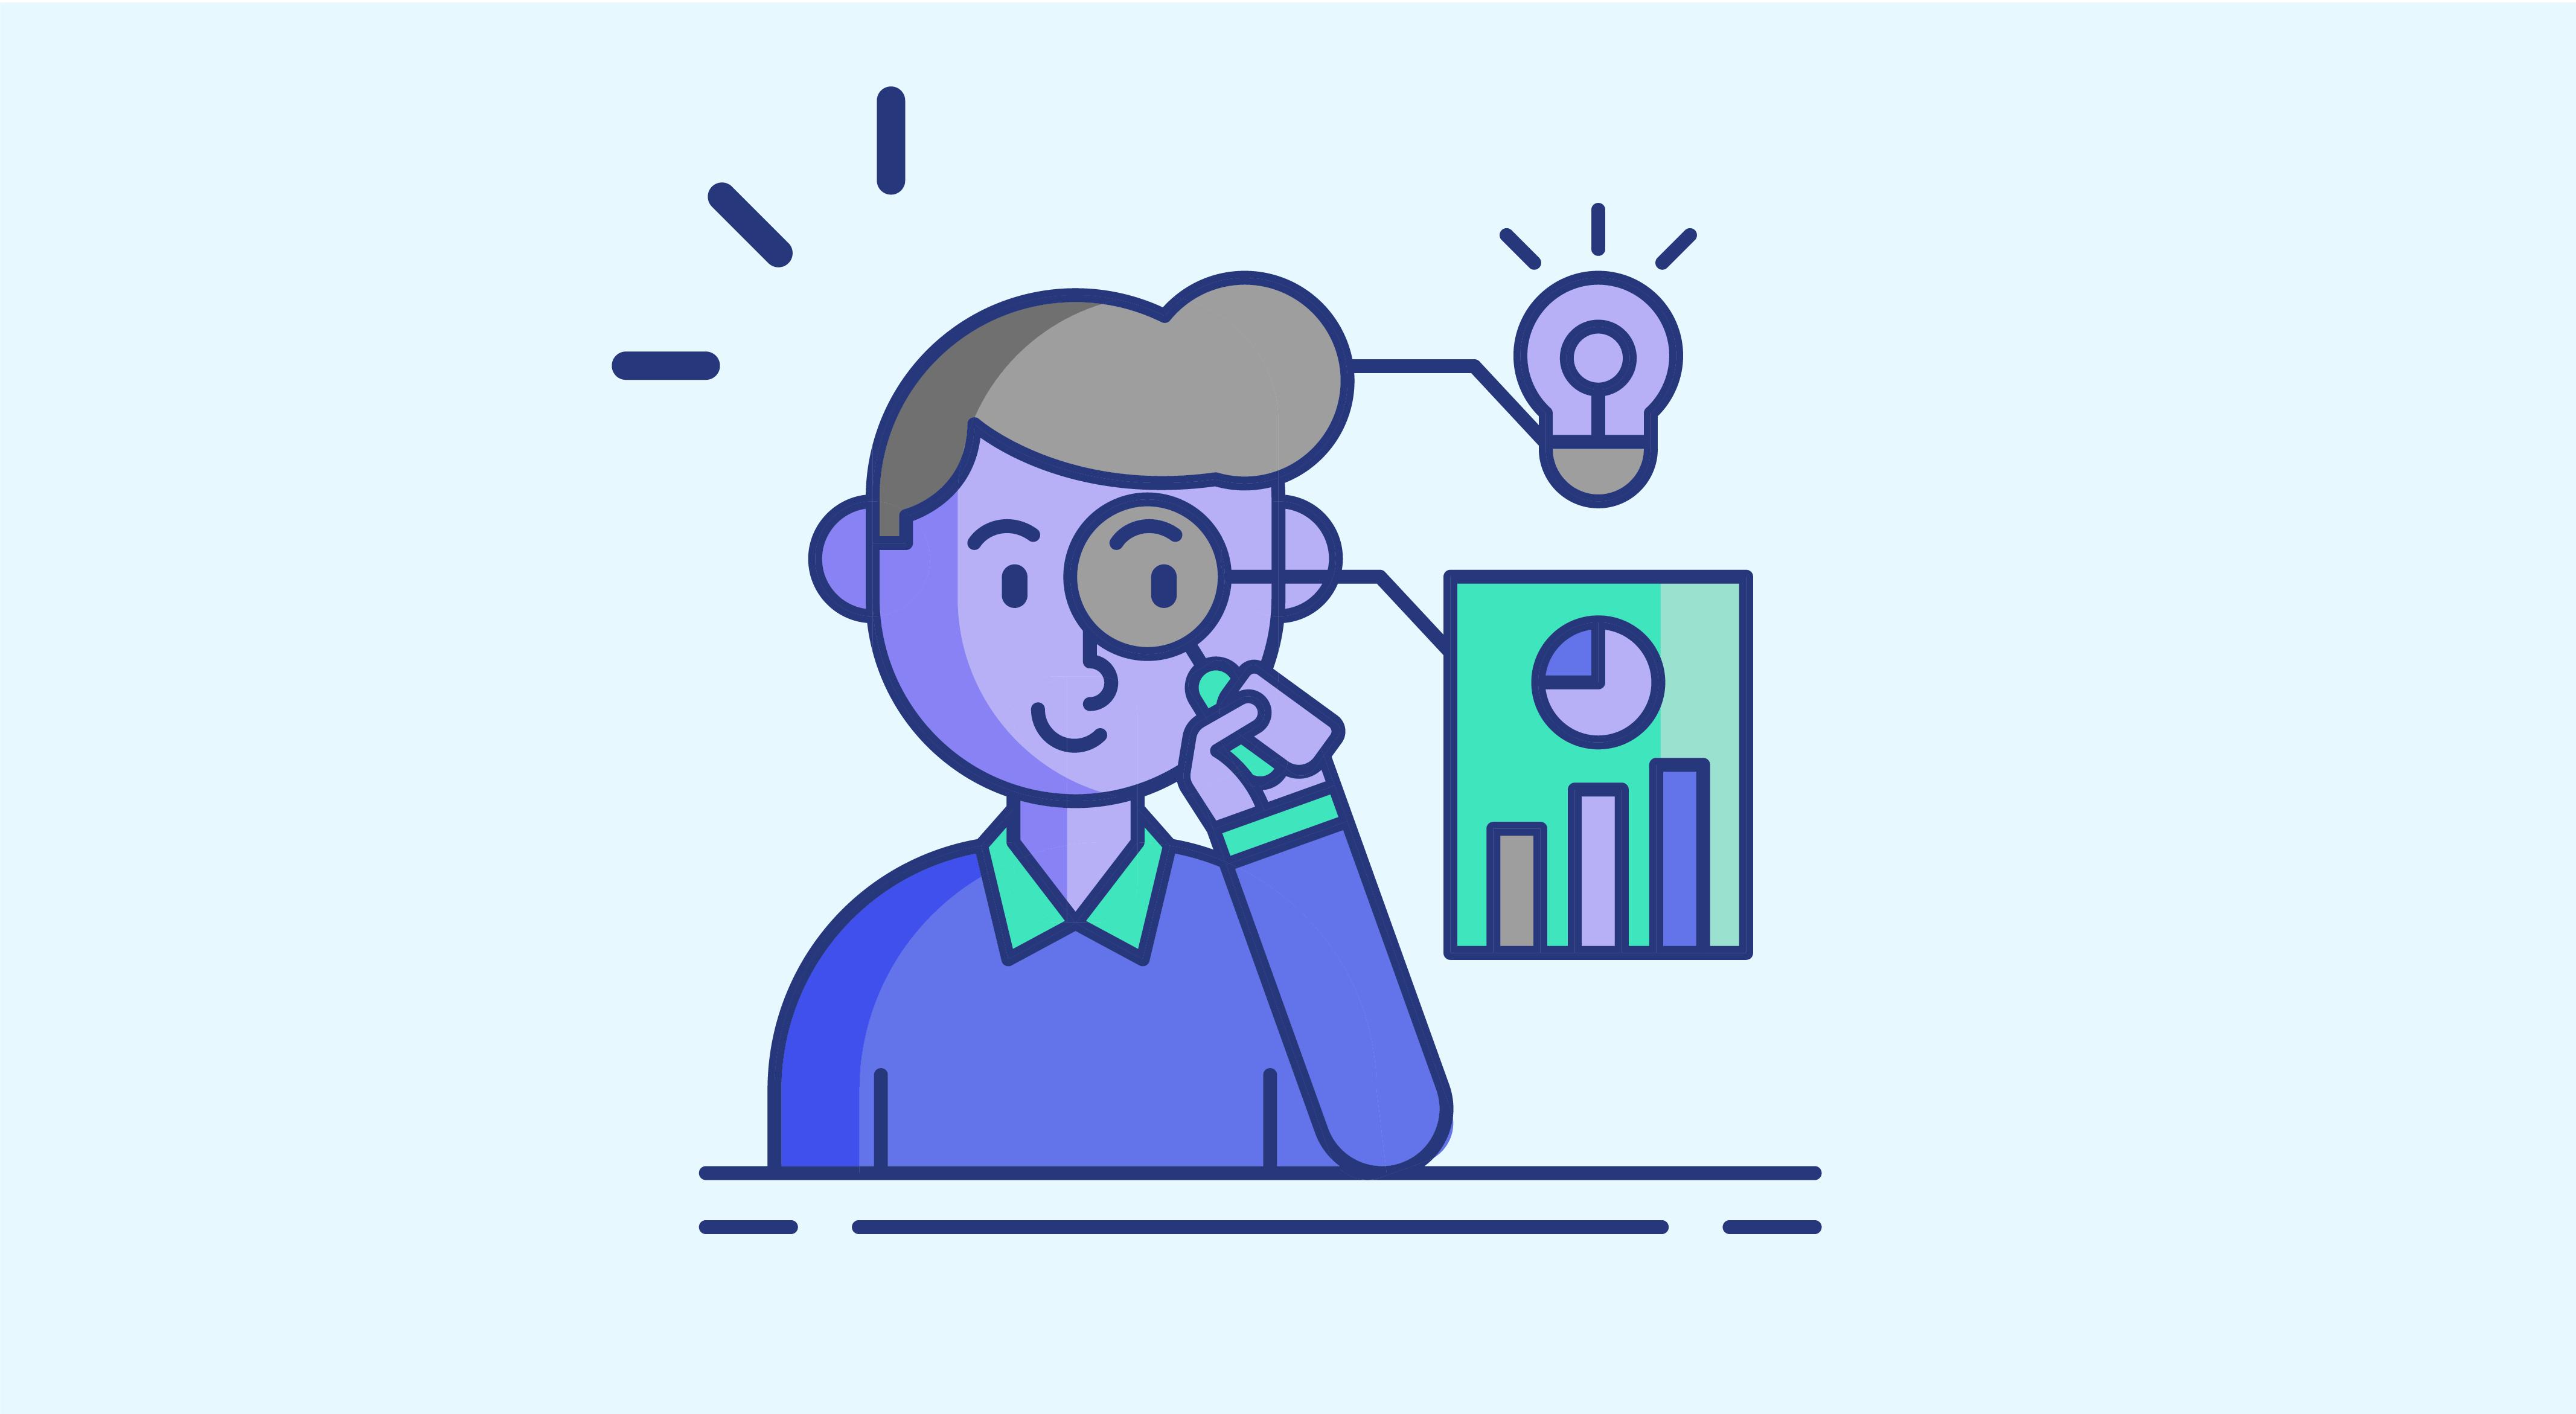 En quoi est-ce intéressant de se former au métier de Data analyst ?